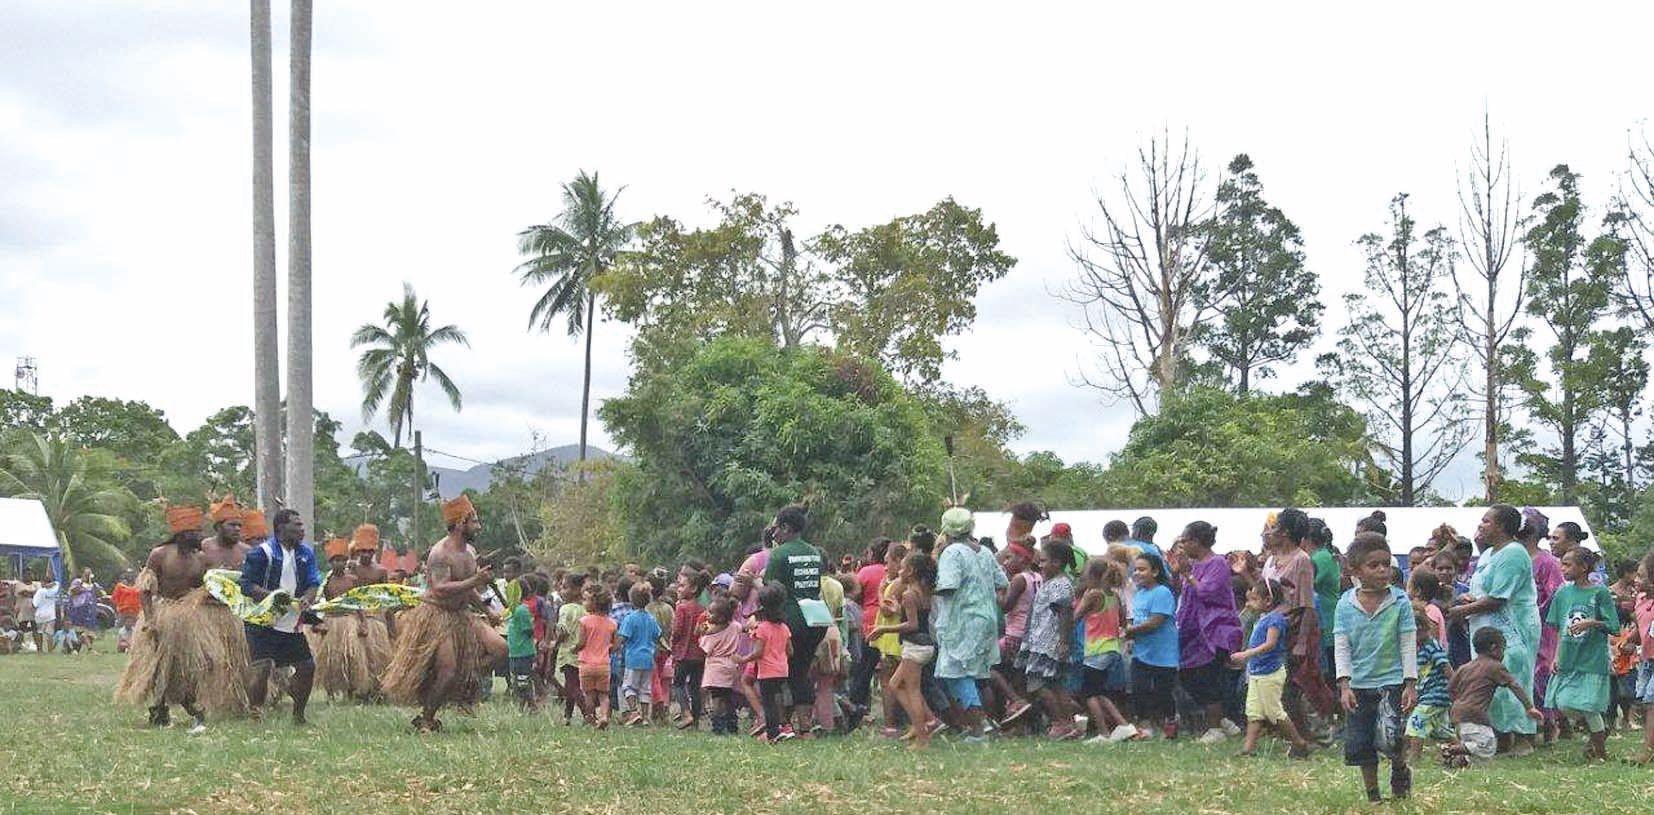 La troupe Nedokwe a entraîné le public dans un pilou. La rencontre s'est conclue en douceur avec des séances de contes pour tout le monde.